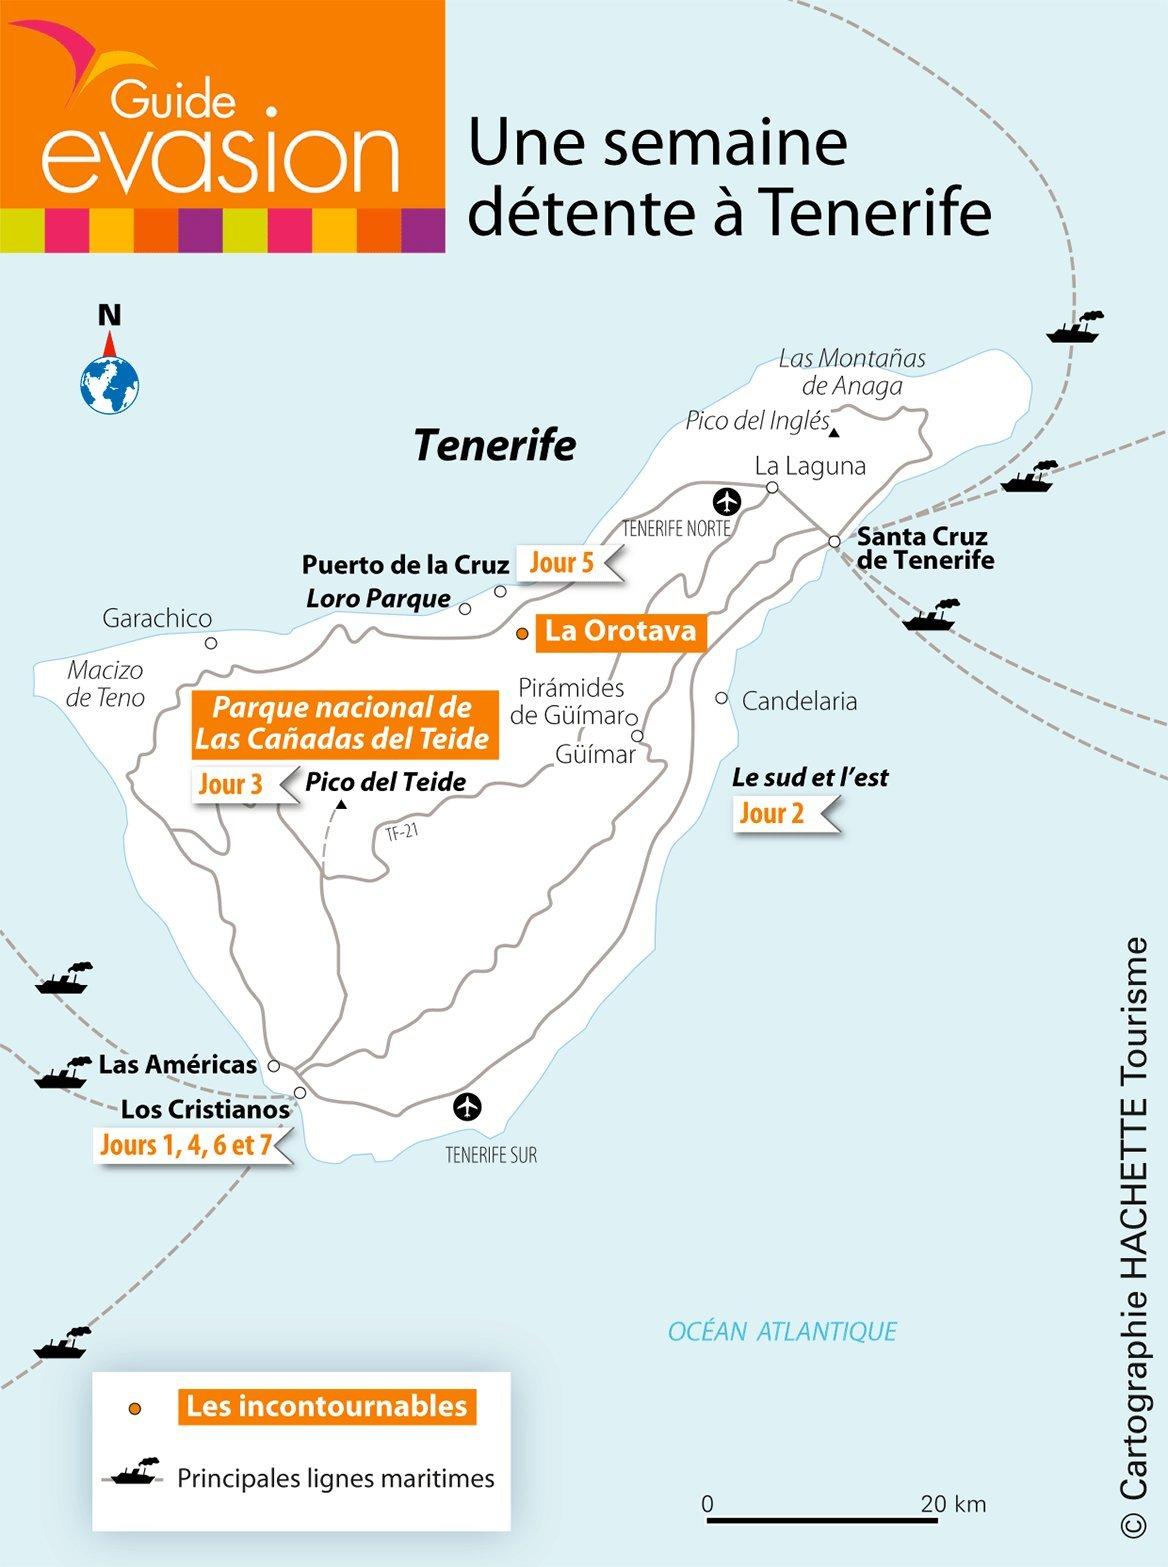 Circuit 1: Une semaine détente à Tenerife